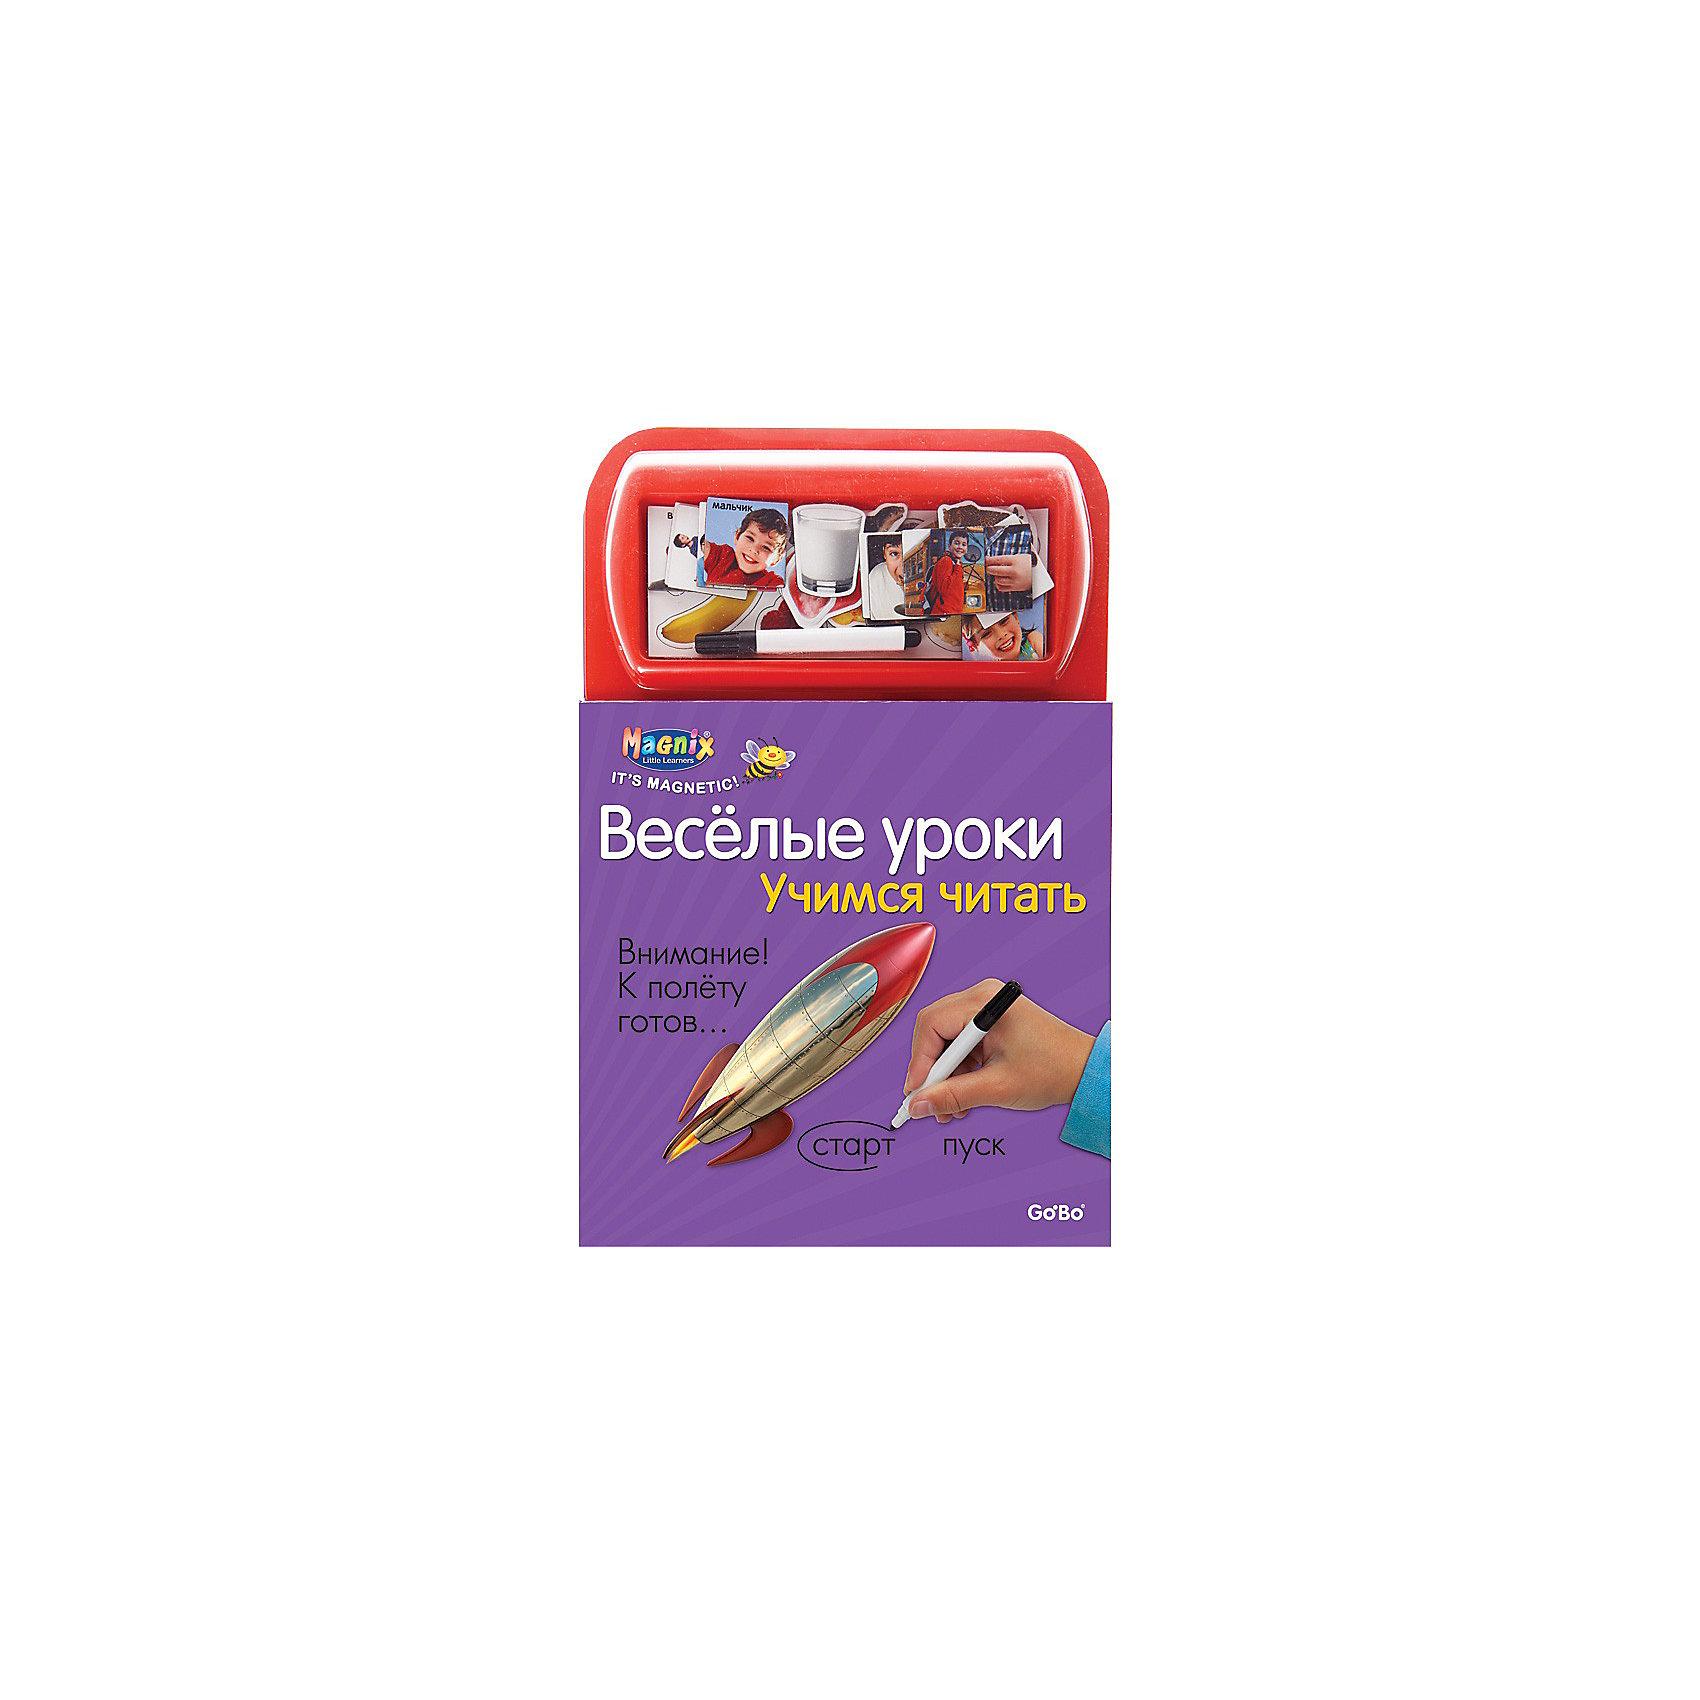 Играй-изучай! Учимся читатьБуквари и азбуки<br>Книга с 21 магнитной и гладкой страницами с заданиями и играми (для письма и приклеивания карточек). Дополнительная информация: в комплект входит: книга с магнитными страницами, 37 магнитных карточек, фломастер. Размеры ((д/ш/в): 220 х 15 х 270 мм<br><br>Ширина мм: 205<br>Глубина мм: 15<br>Высота мм: 300<br>Вес г: 500<br>Возраст от месяцев: 36<br>Возраст до месяцев: 72<br>Пол: Унисекс<br>Возраст: Детский<br>SKU: 2358191